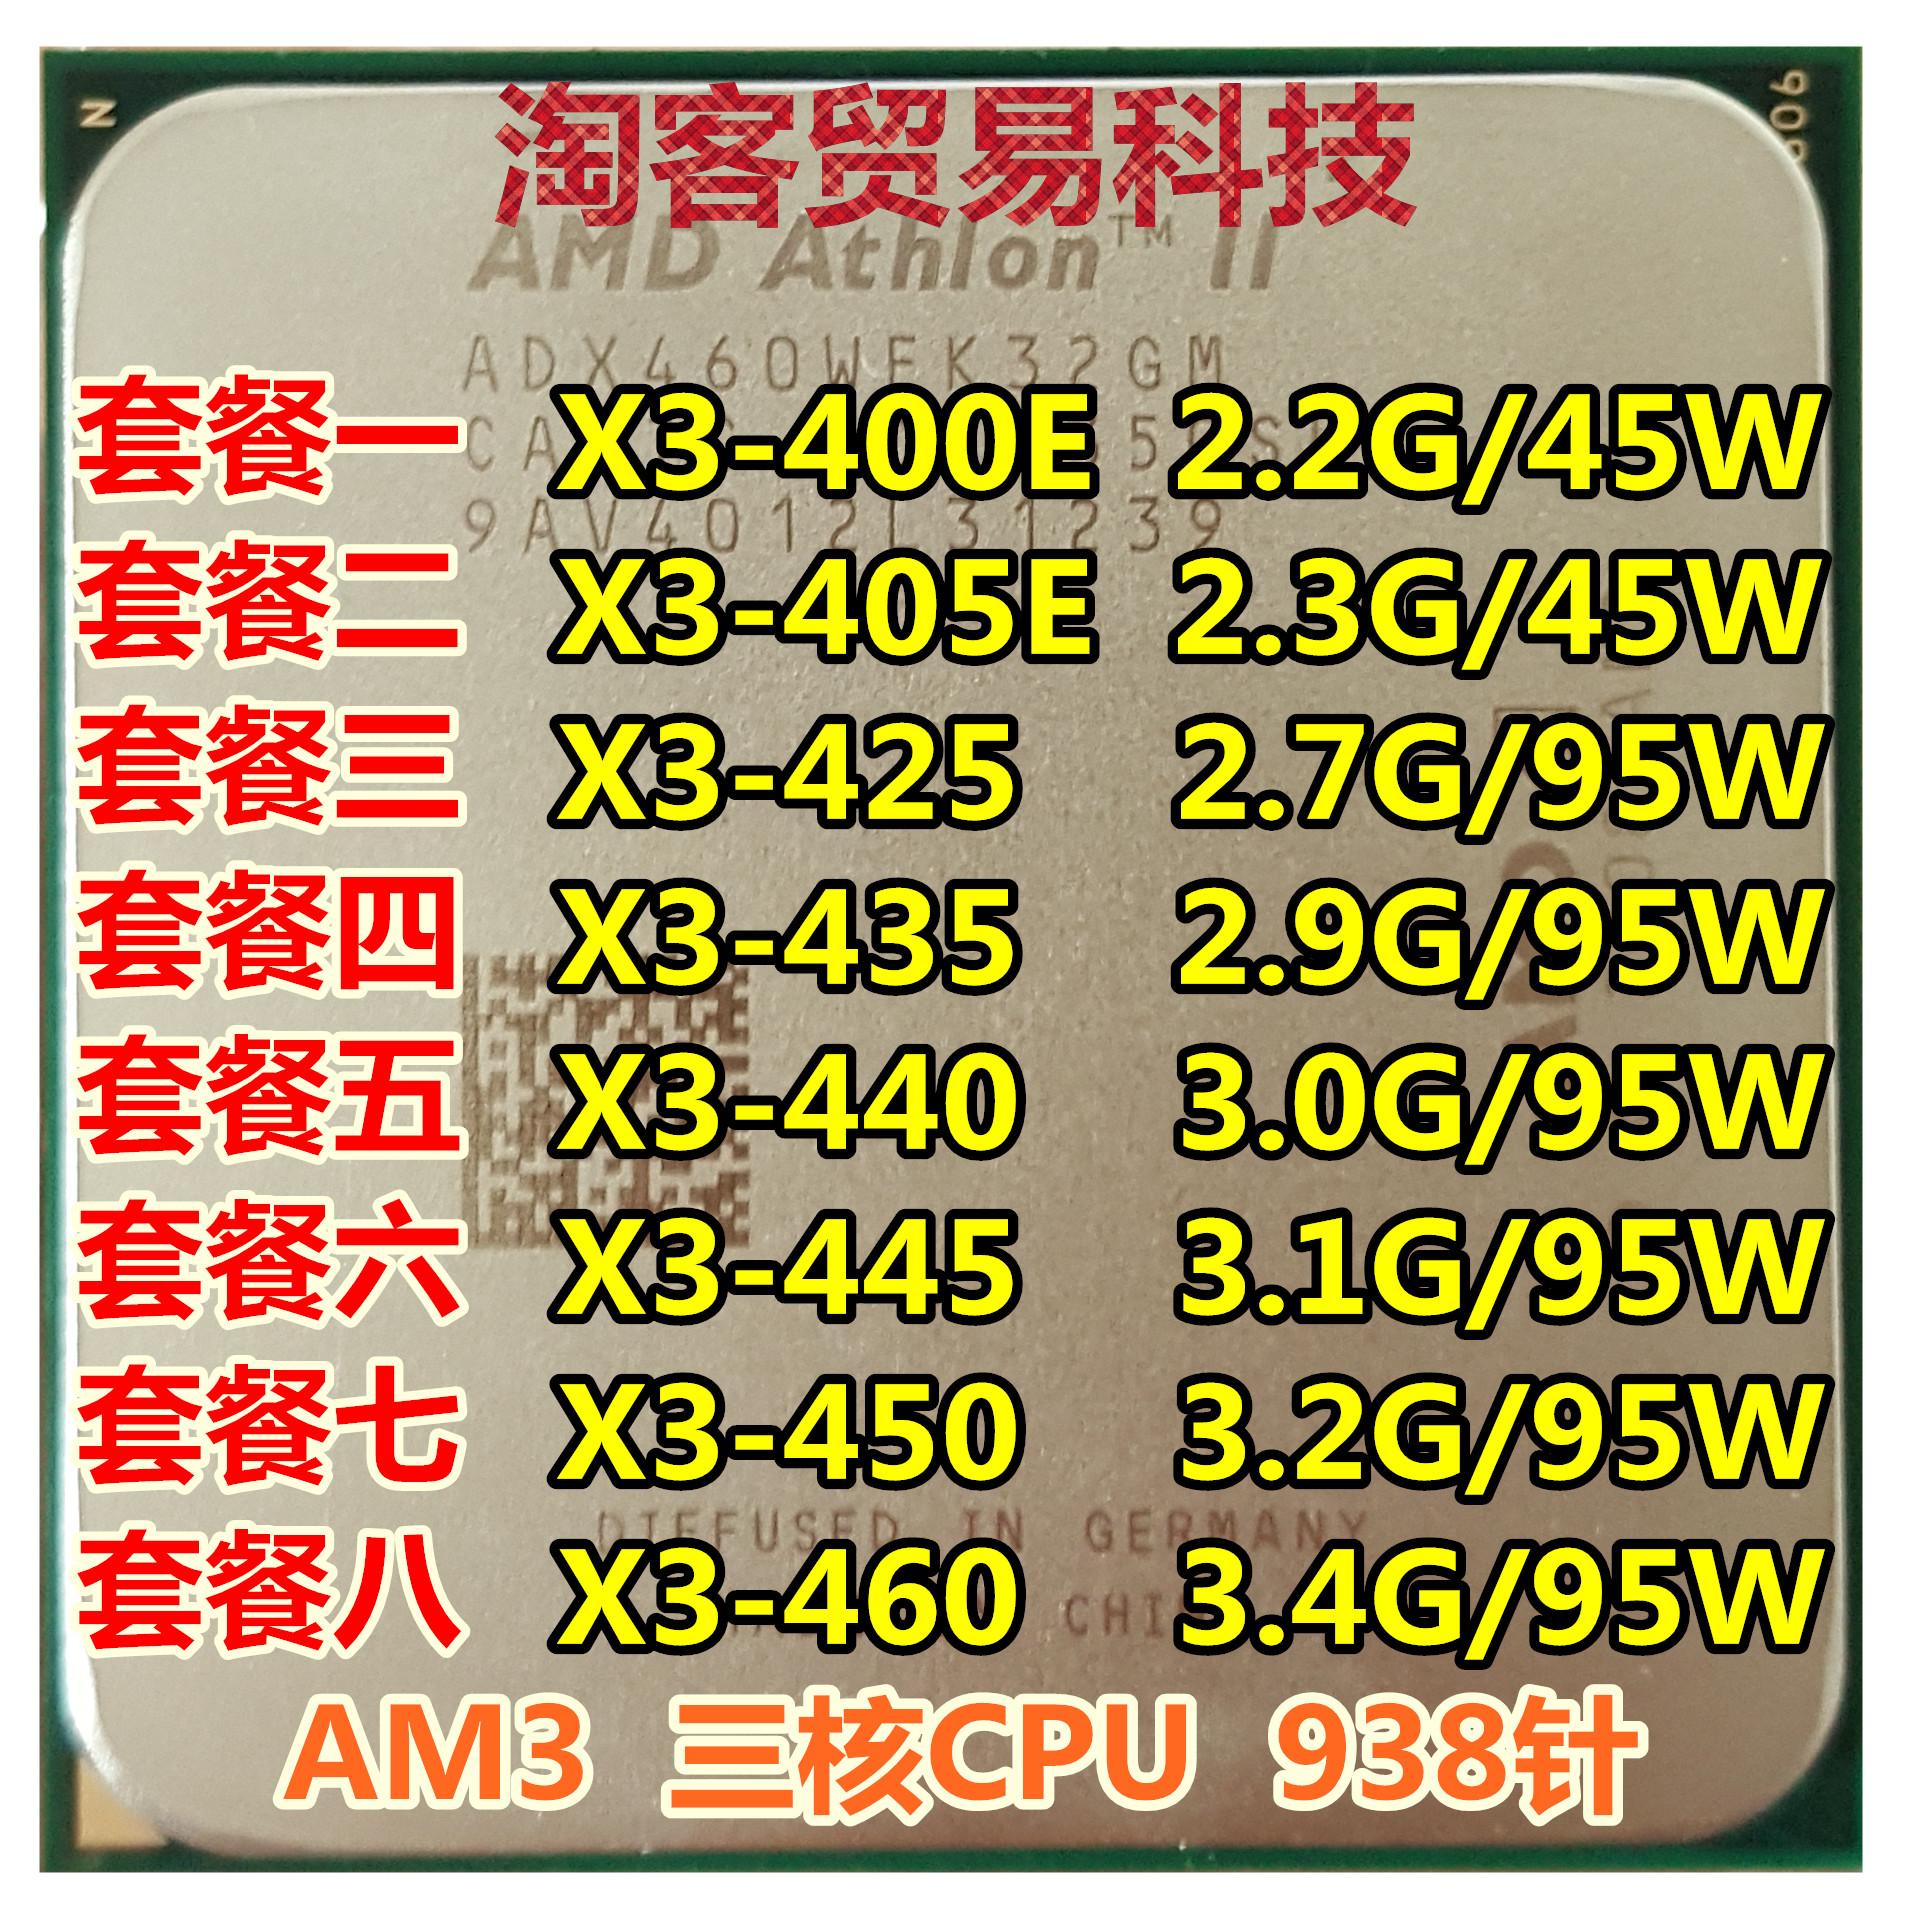 AMD Athlon II X3 460 425 435 445 450 x405e 速龙 三核CPU AM3